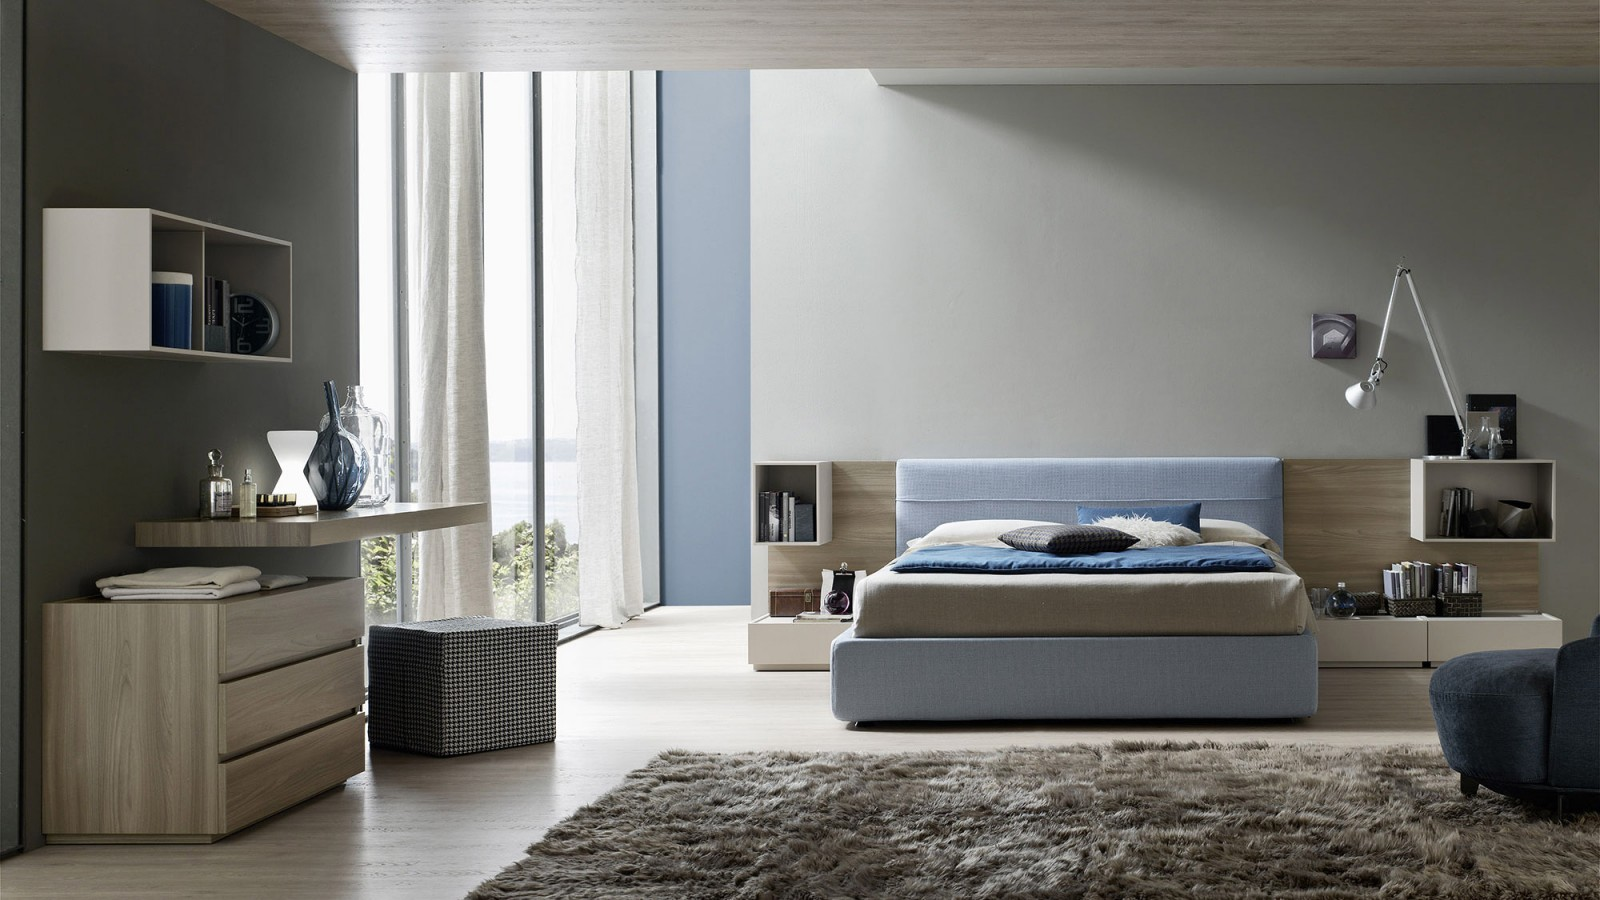 Gruppo notte moderno con moduli e comodini sospesi consegne in friuli a udine pordenone - Mobili sospesi per camera da letto ...